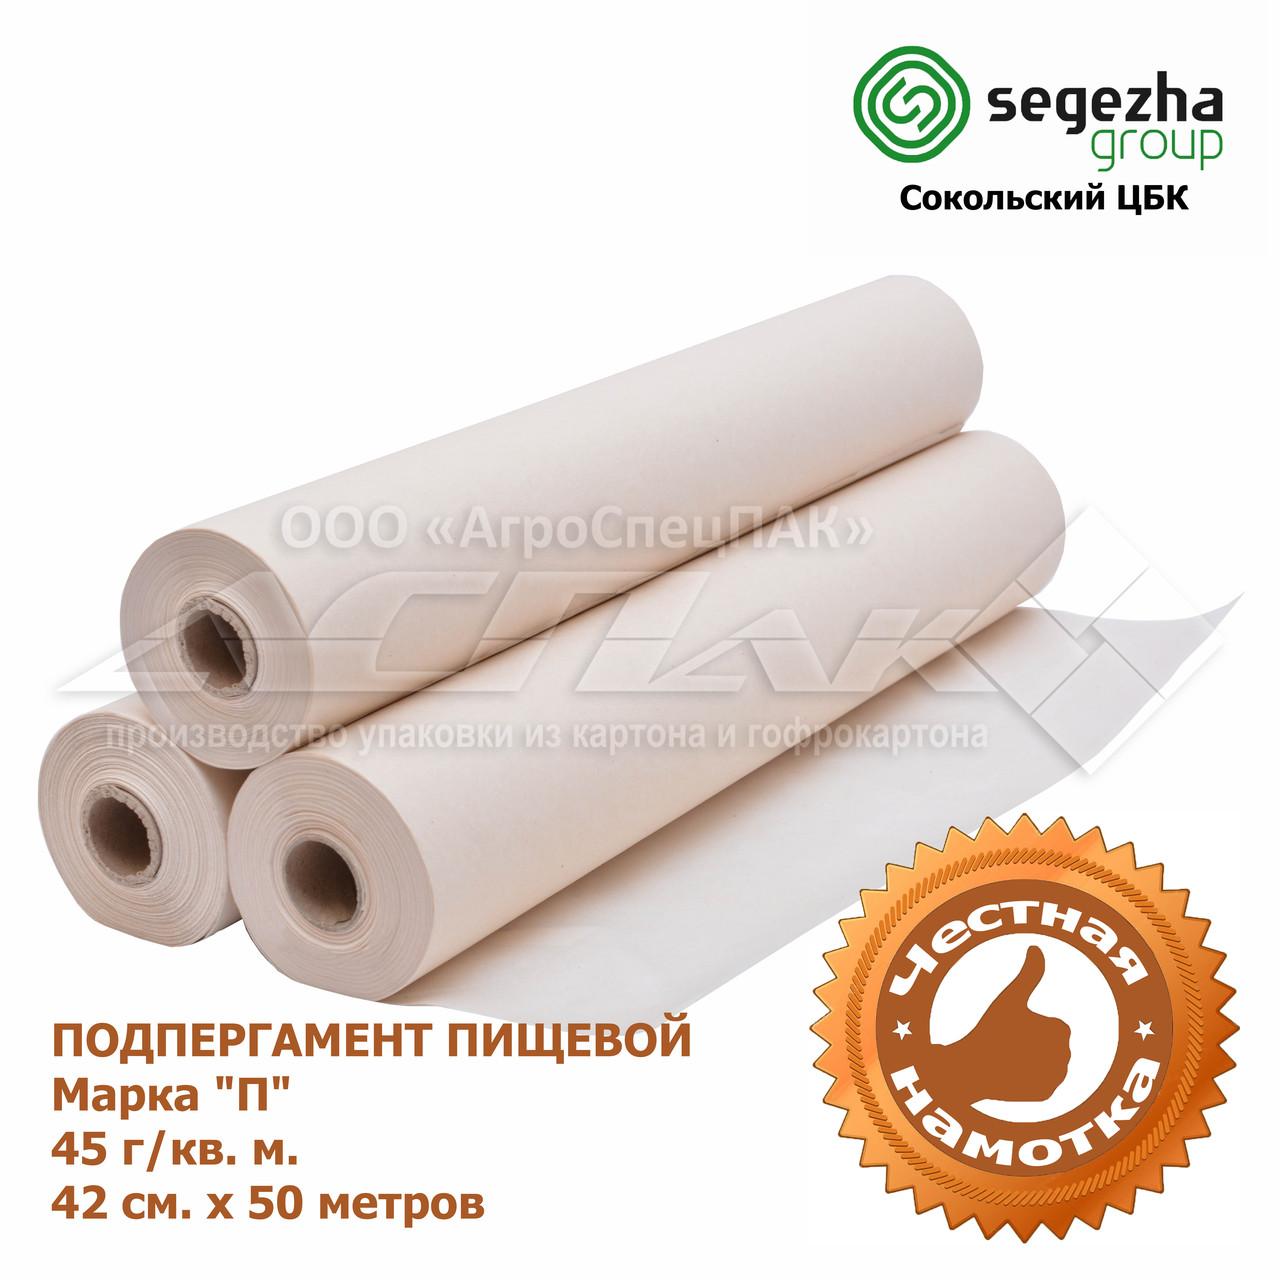 Подпергамент. Подпергамент пищевой марки П. В рулоне (42 см. х 50 метров.)